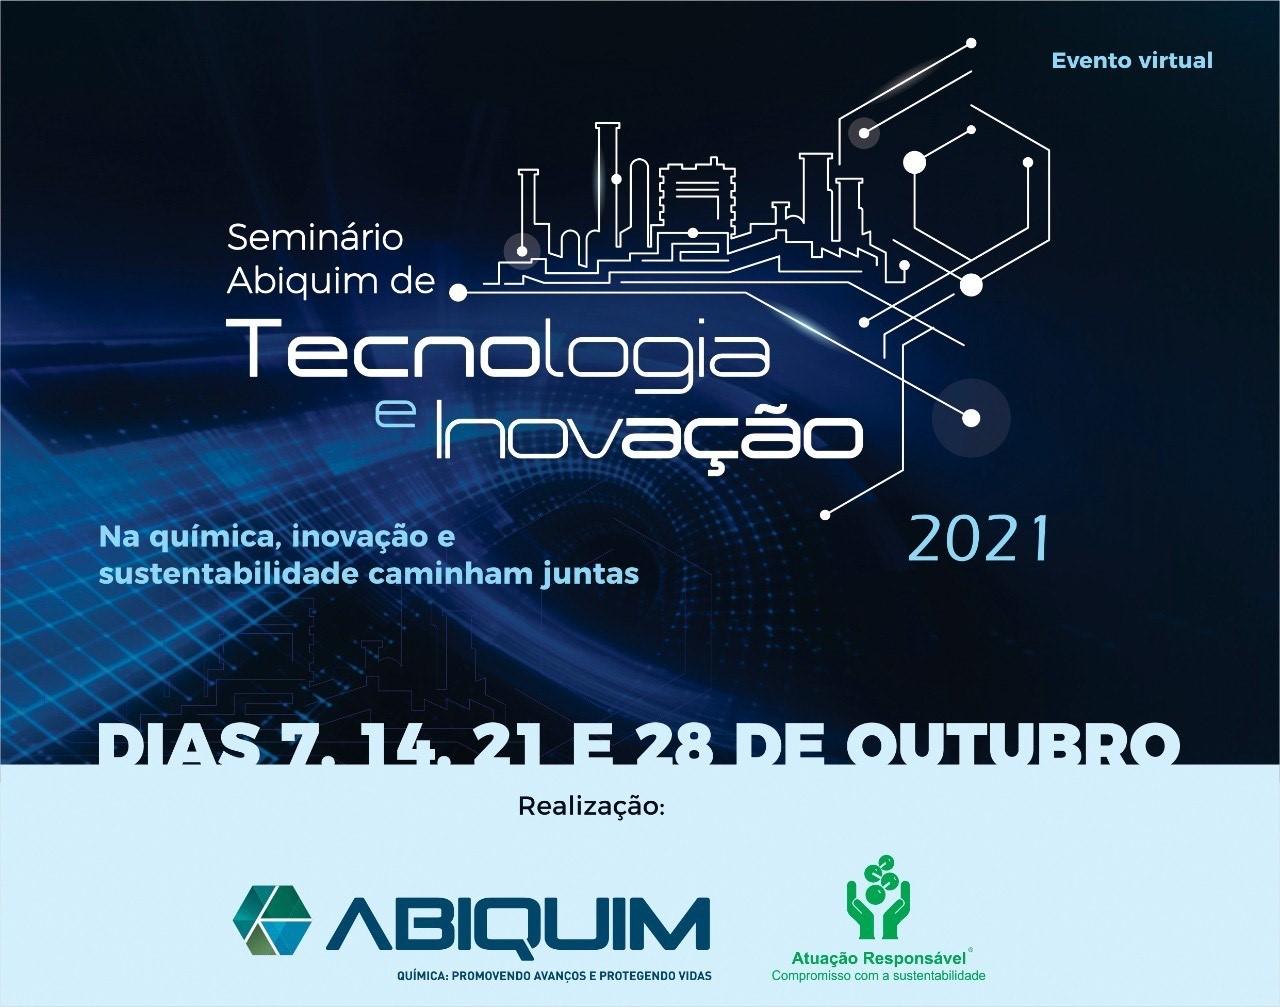 A Oxiteno está patrocinando a 6ª edição do Seminário de Tecnologia e Inovação 2021 da Abiquim